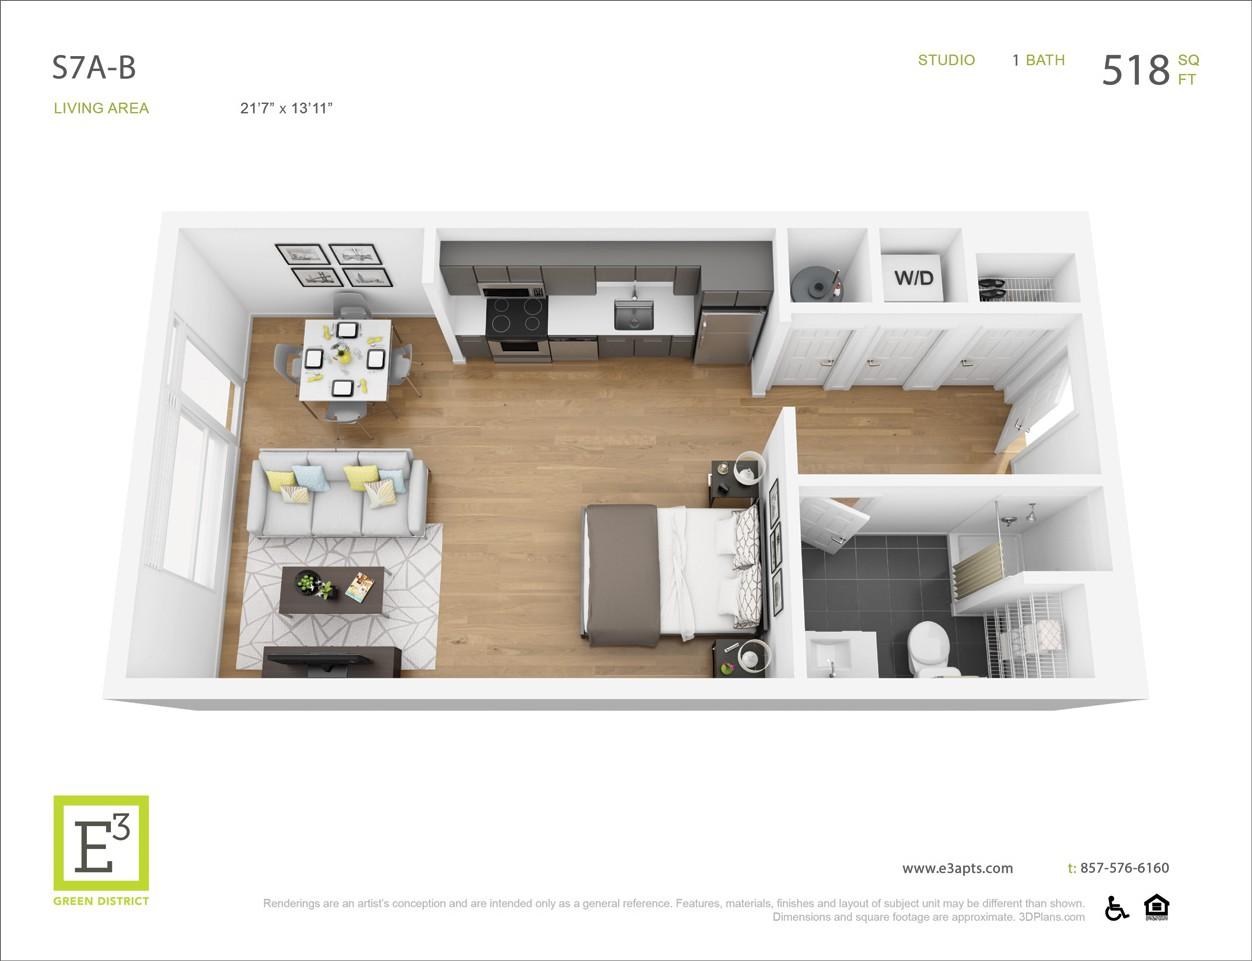 E3 Apartments